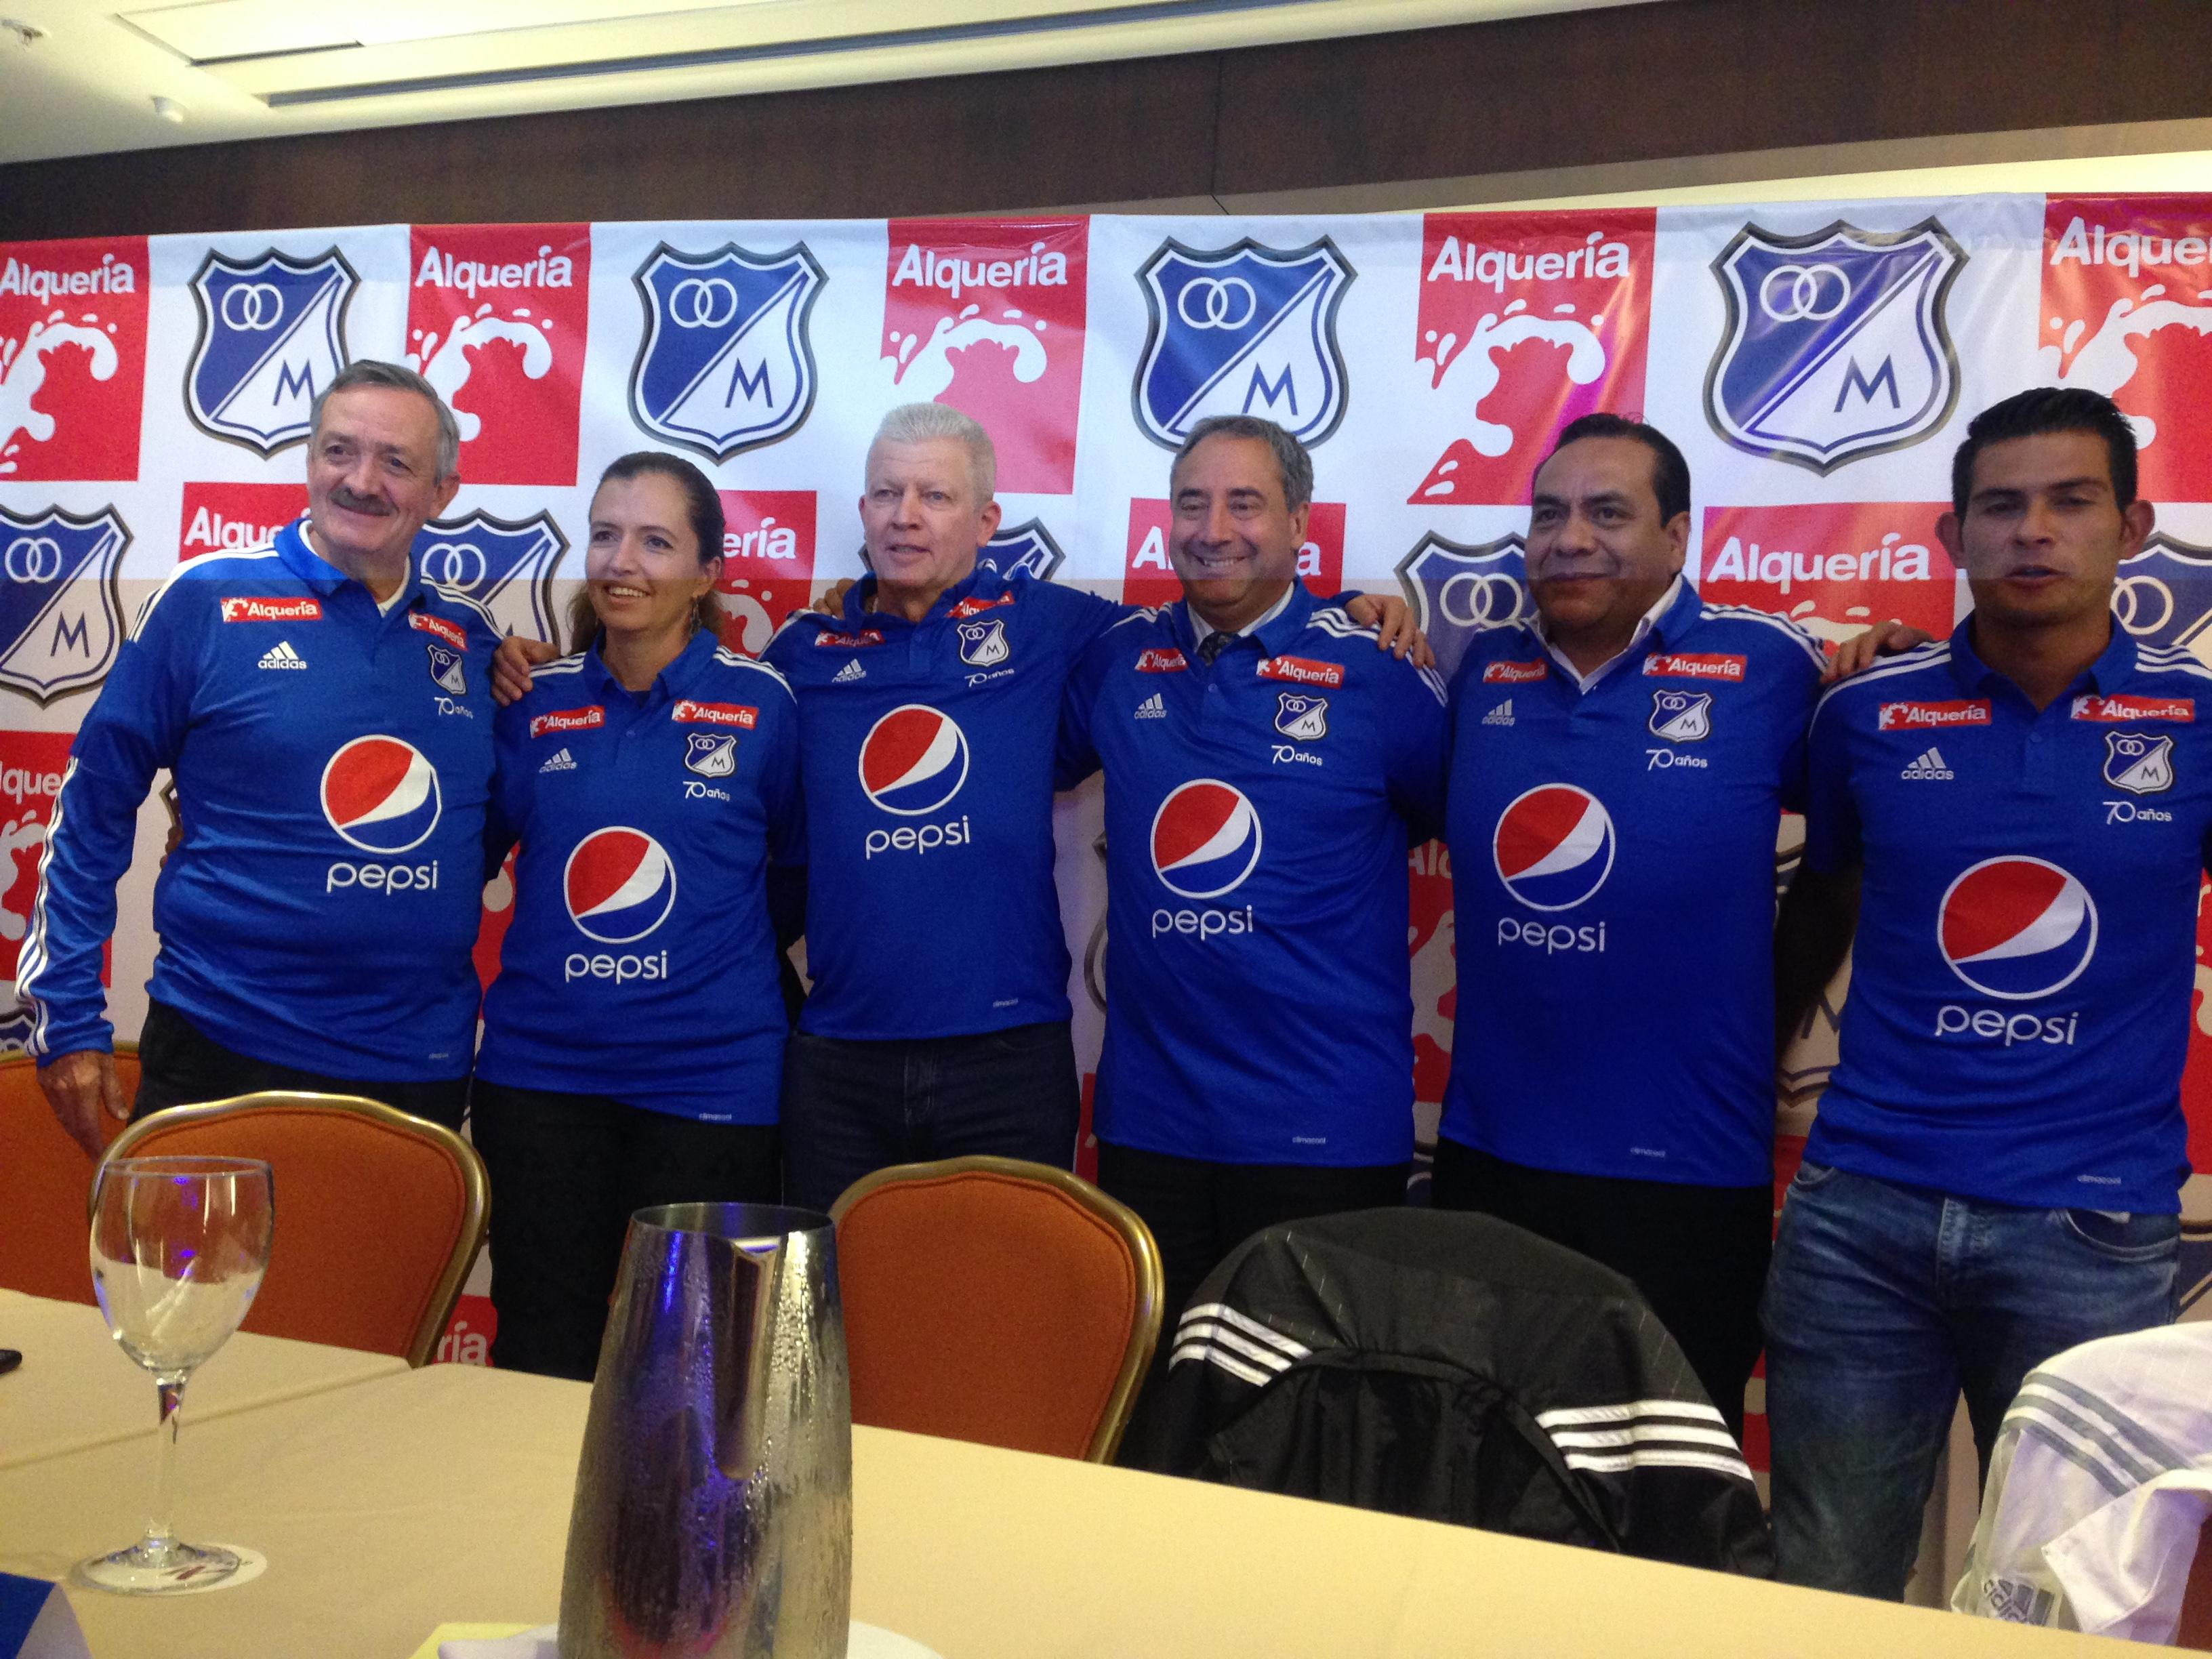 Alquería es el nuevo patrocinador de Millonarios FC